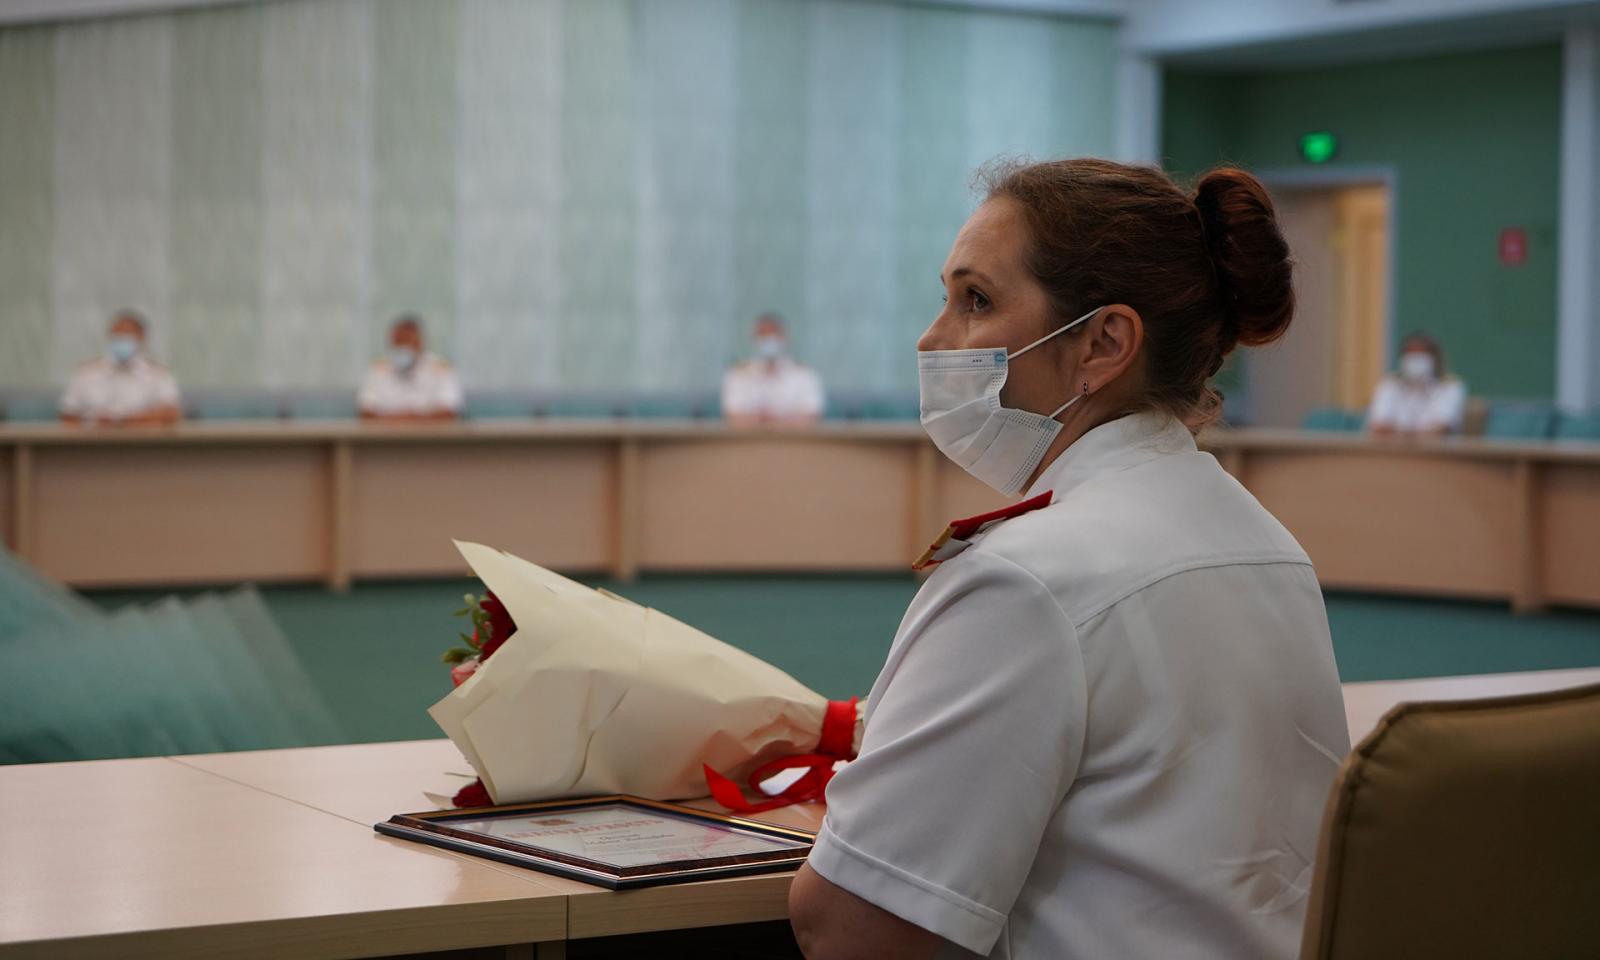 В Брянской области наградили 19 лучших сотрудников СУ СК РФ